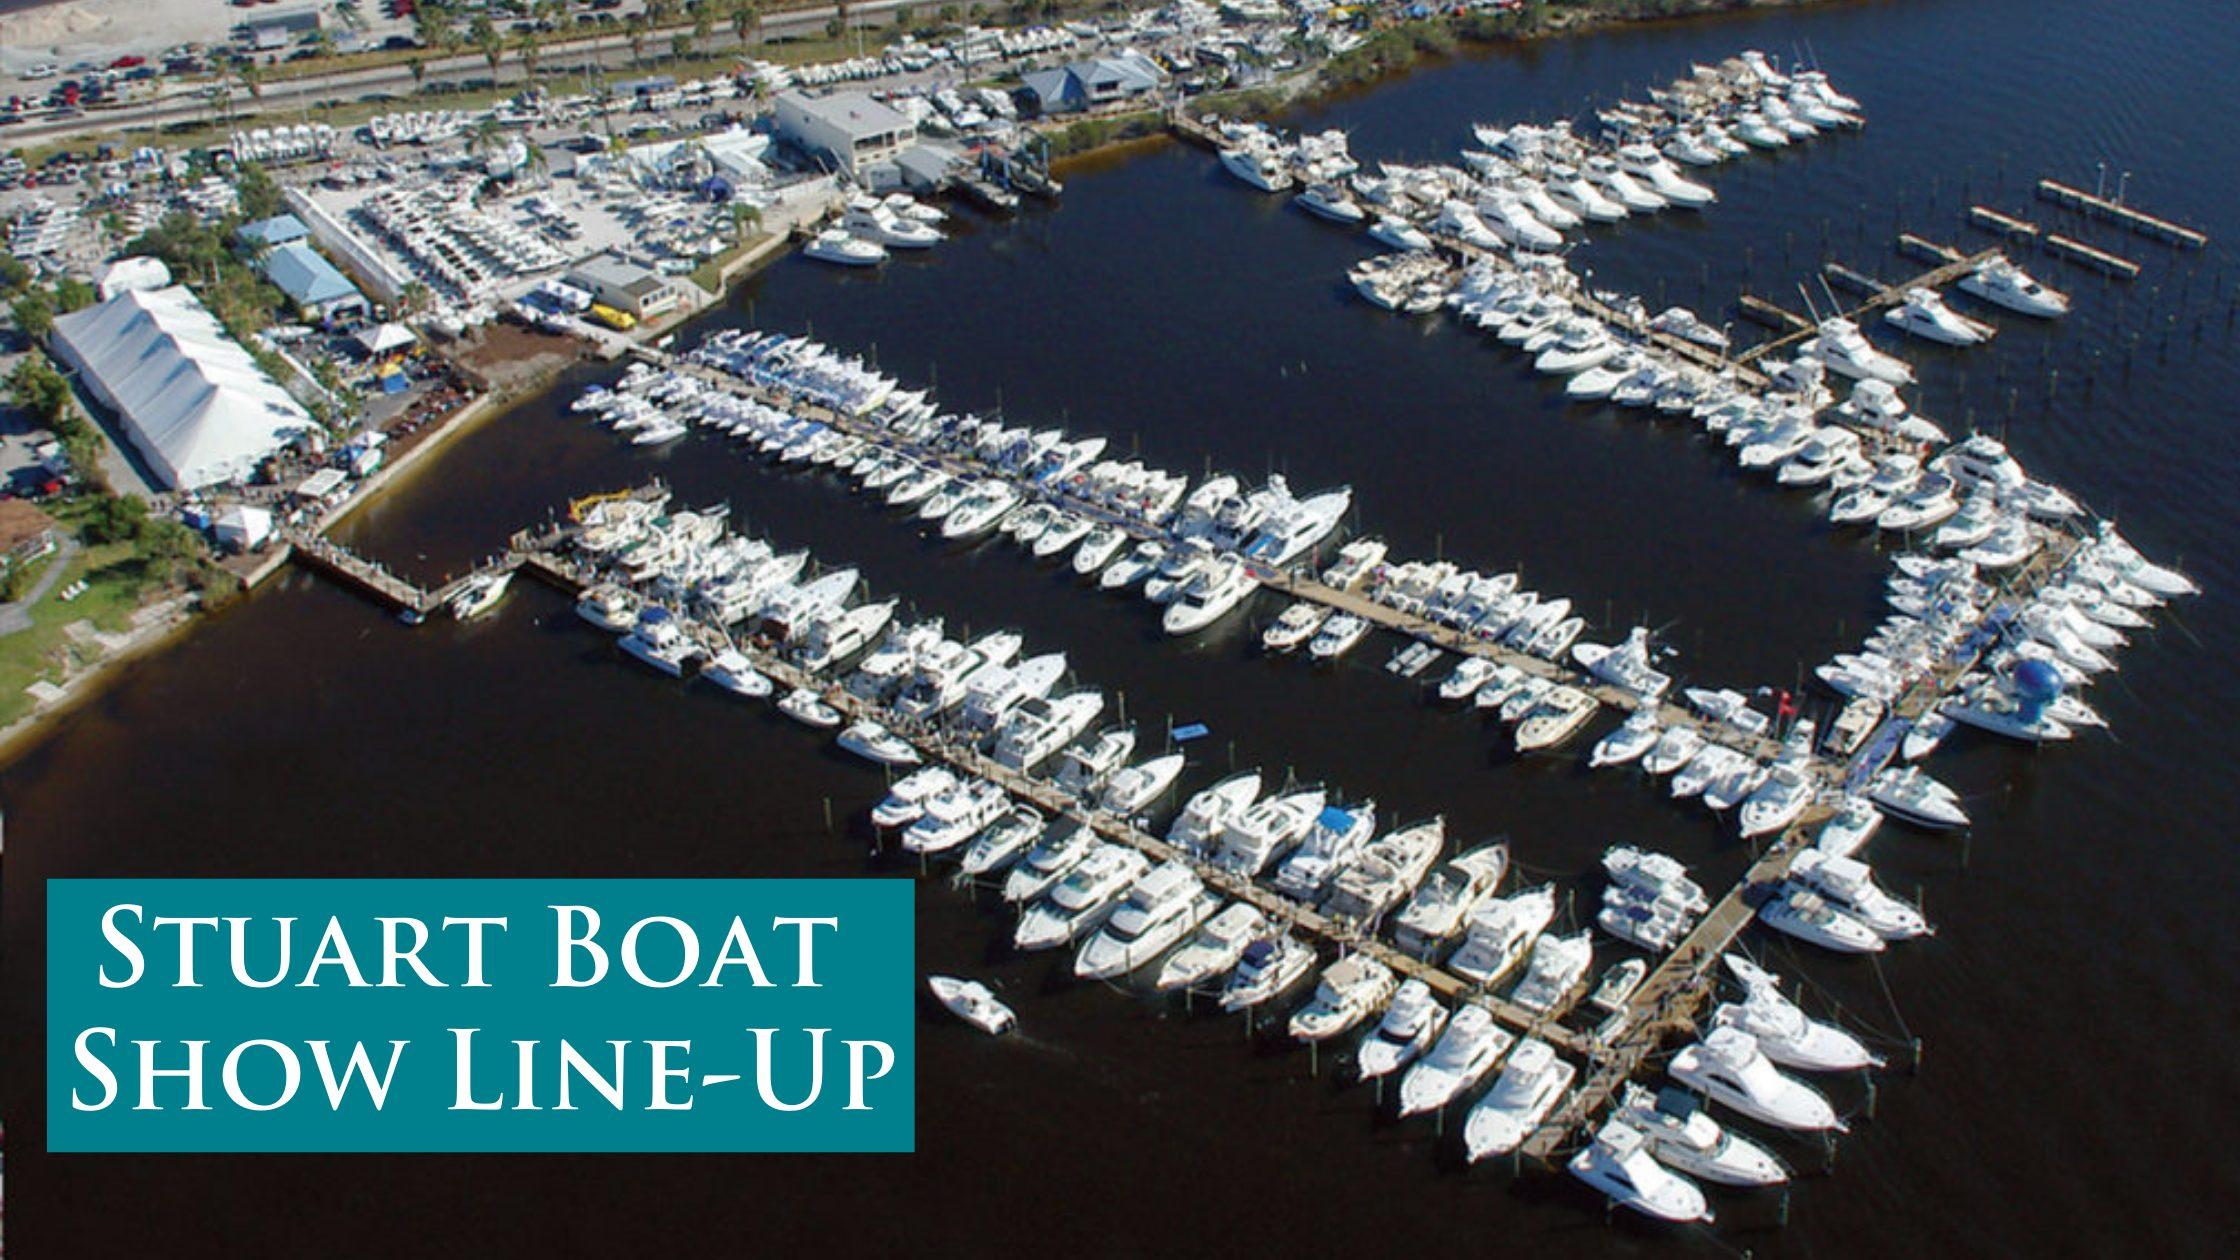 HMY's Stuart Boat Show Line-Up